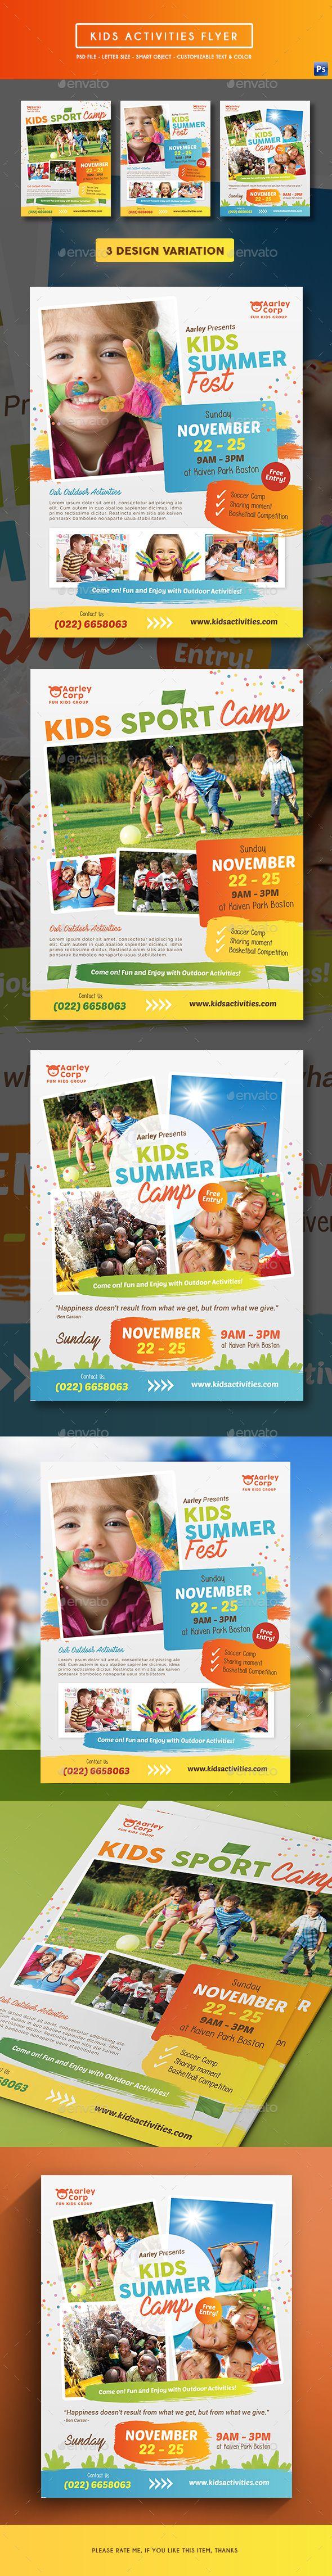 Kids Activities Flyer Design Template - Corporate Flyers Design Template PSD. Download here: https://graphicriver.net/item/kids-activities-flyer/19172525?ref=yinkira